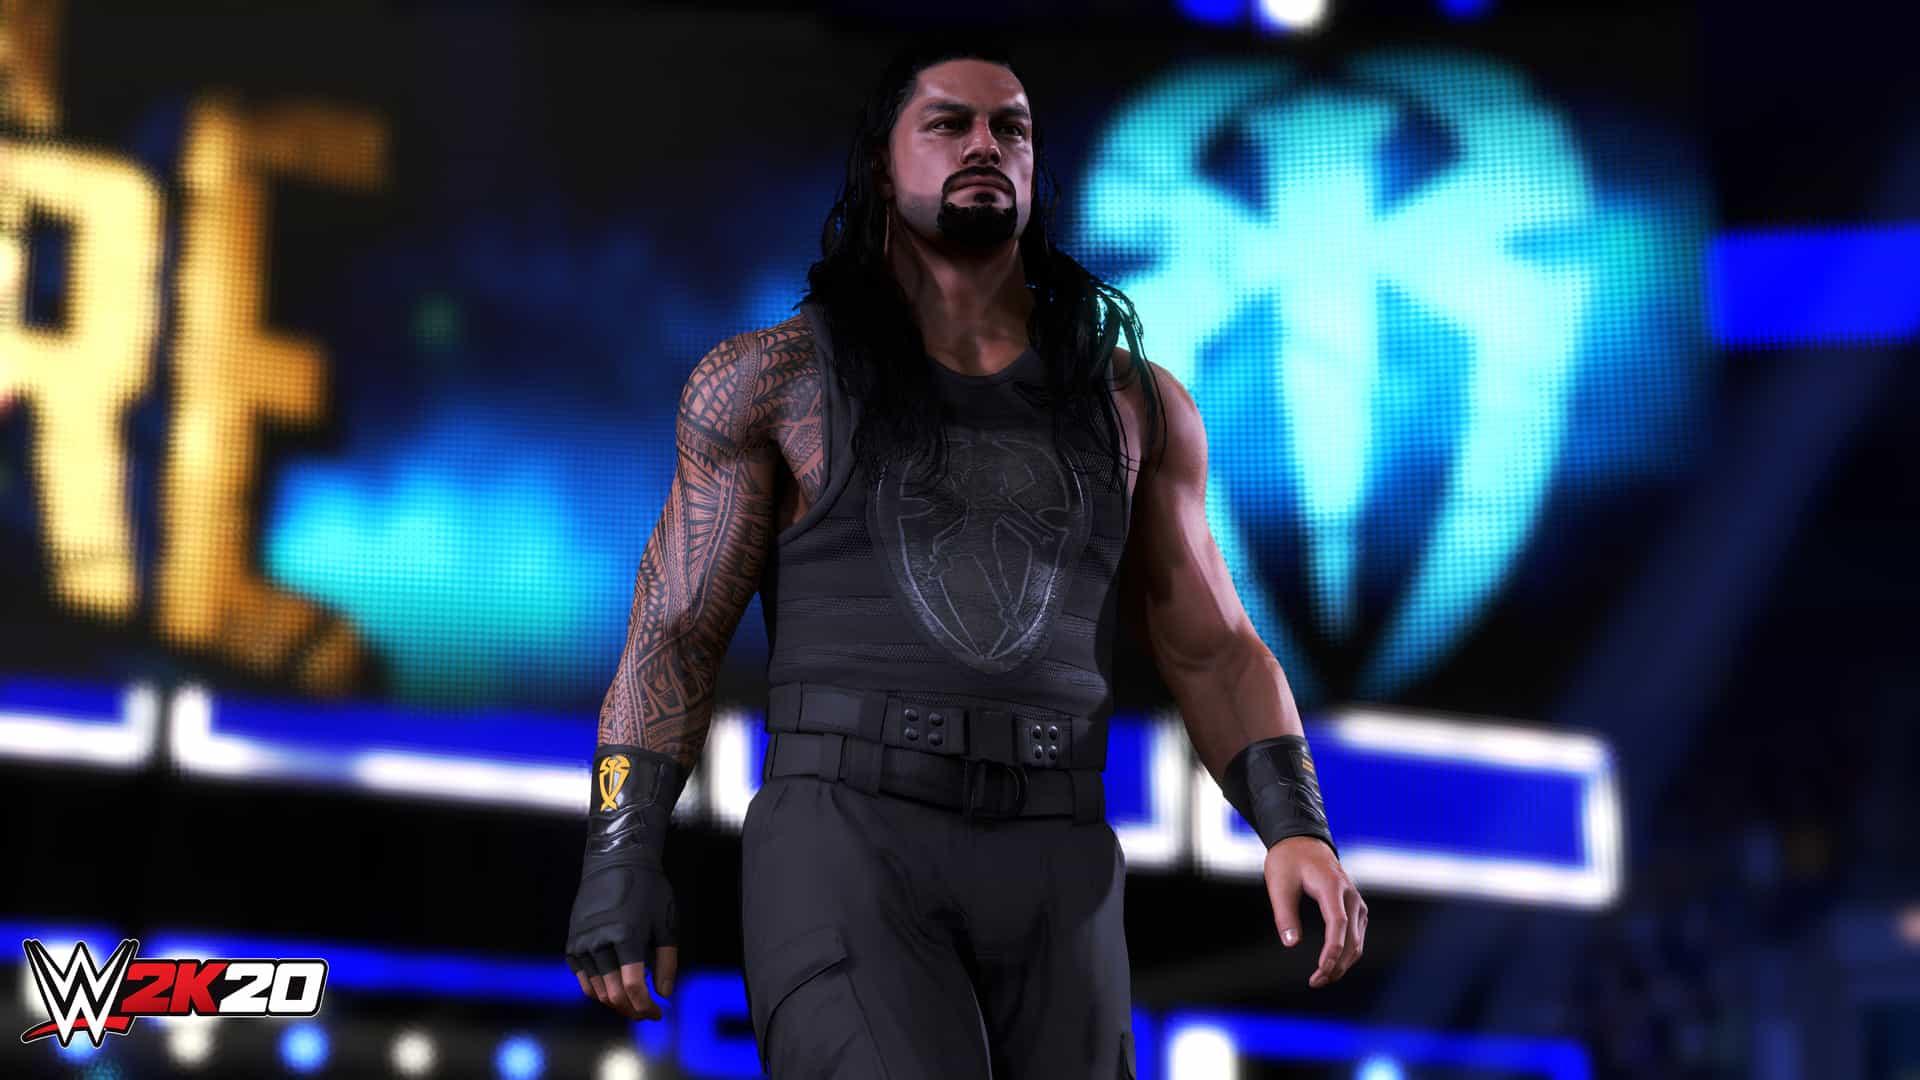 خرید دی ال سی WWE 2K20 اسکرین شات 2